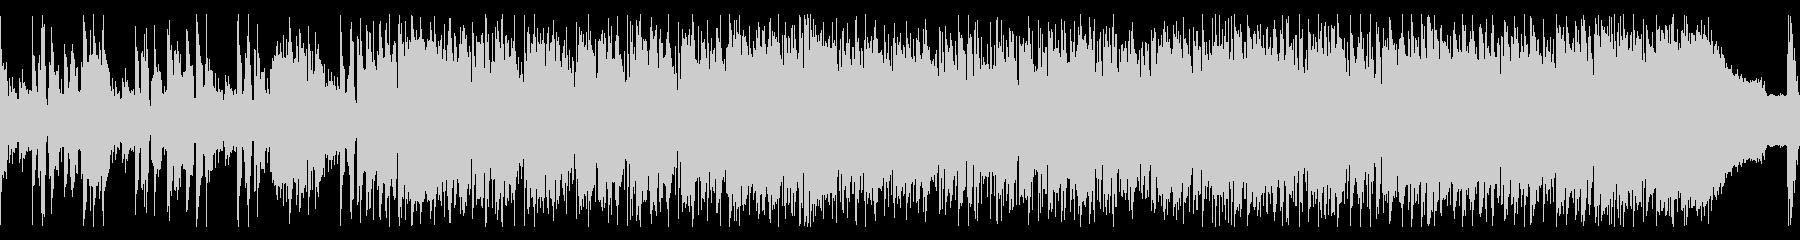 スタイリッシュなジャズフュージョンの未再生の波形